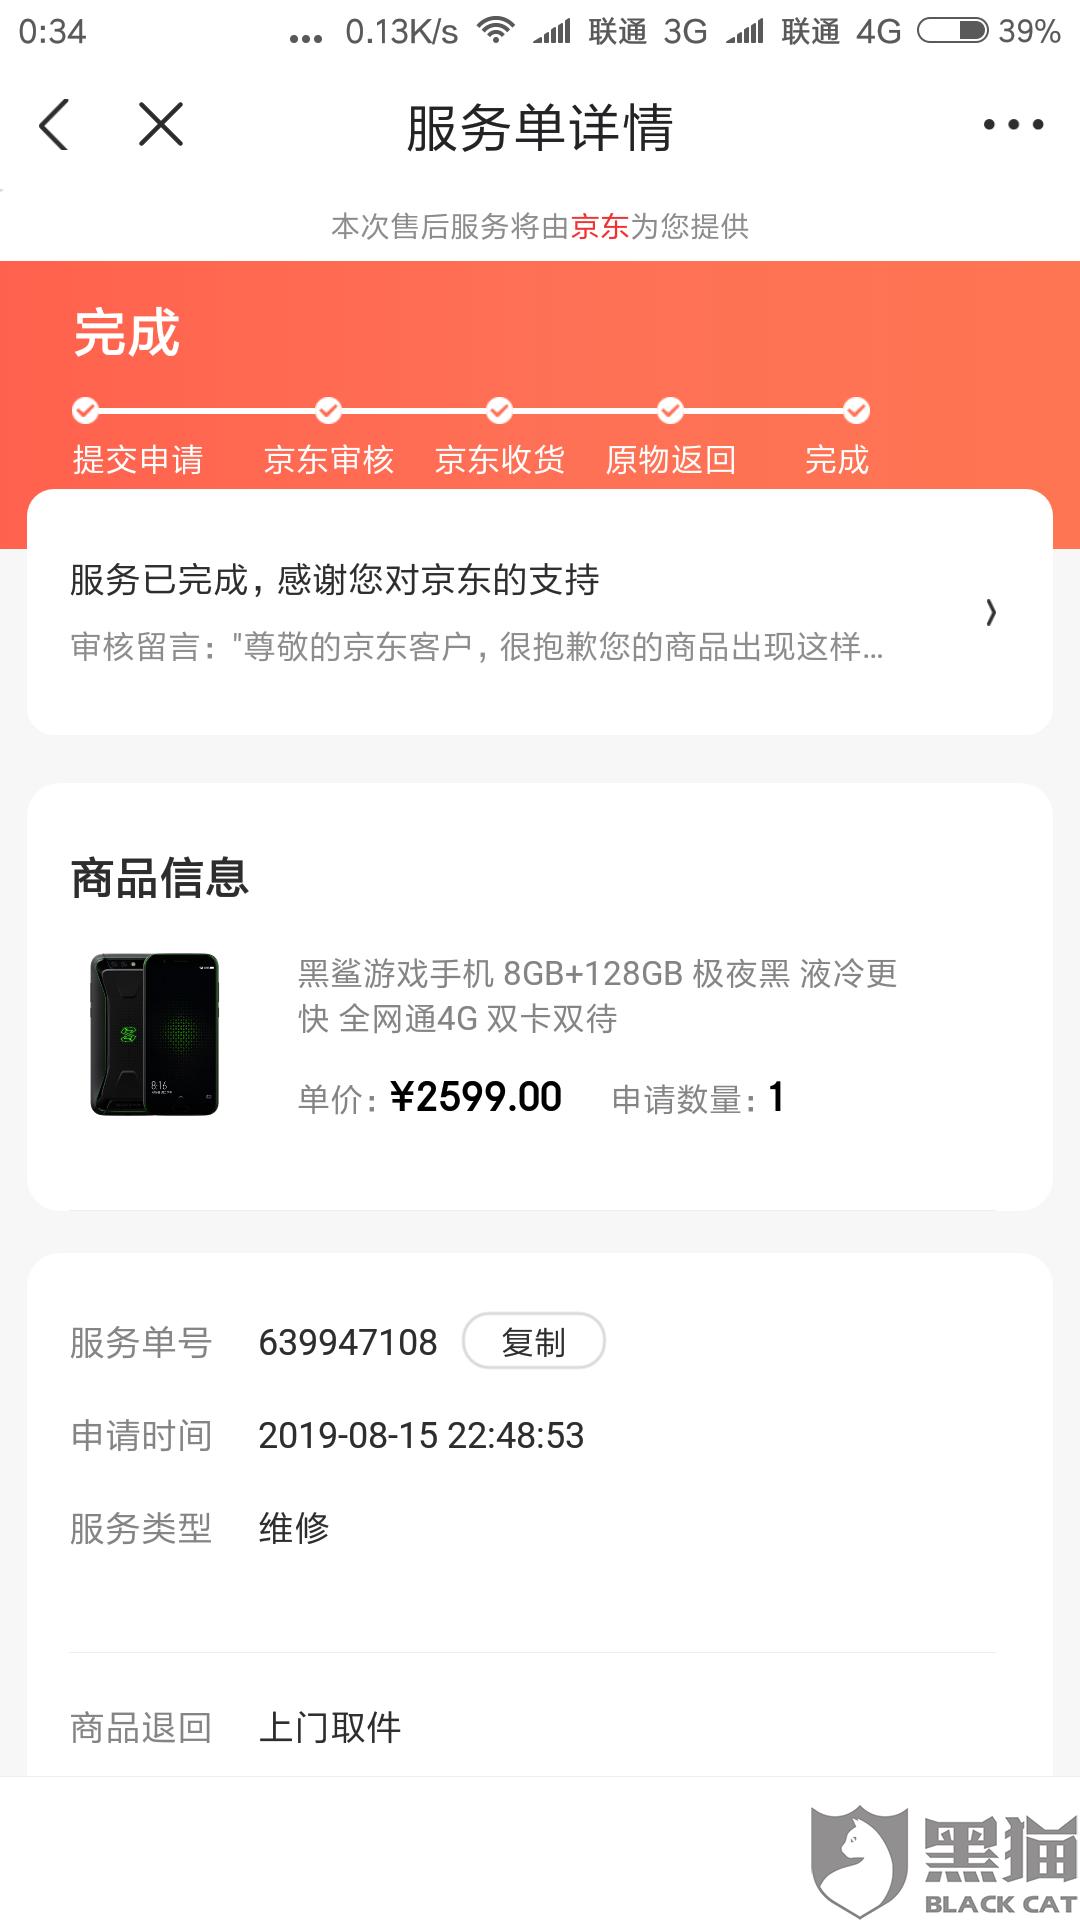 黑猫投诉:黑鲨手机保修期内手机问题不给免费维修。